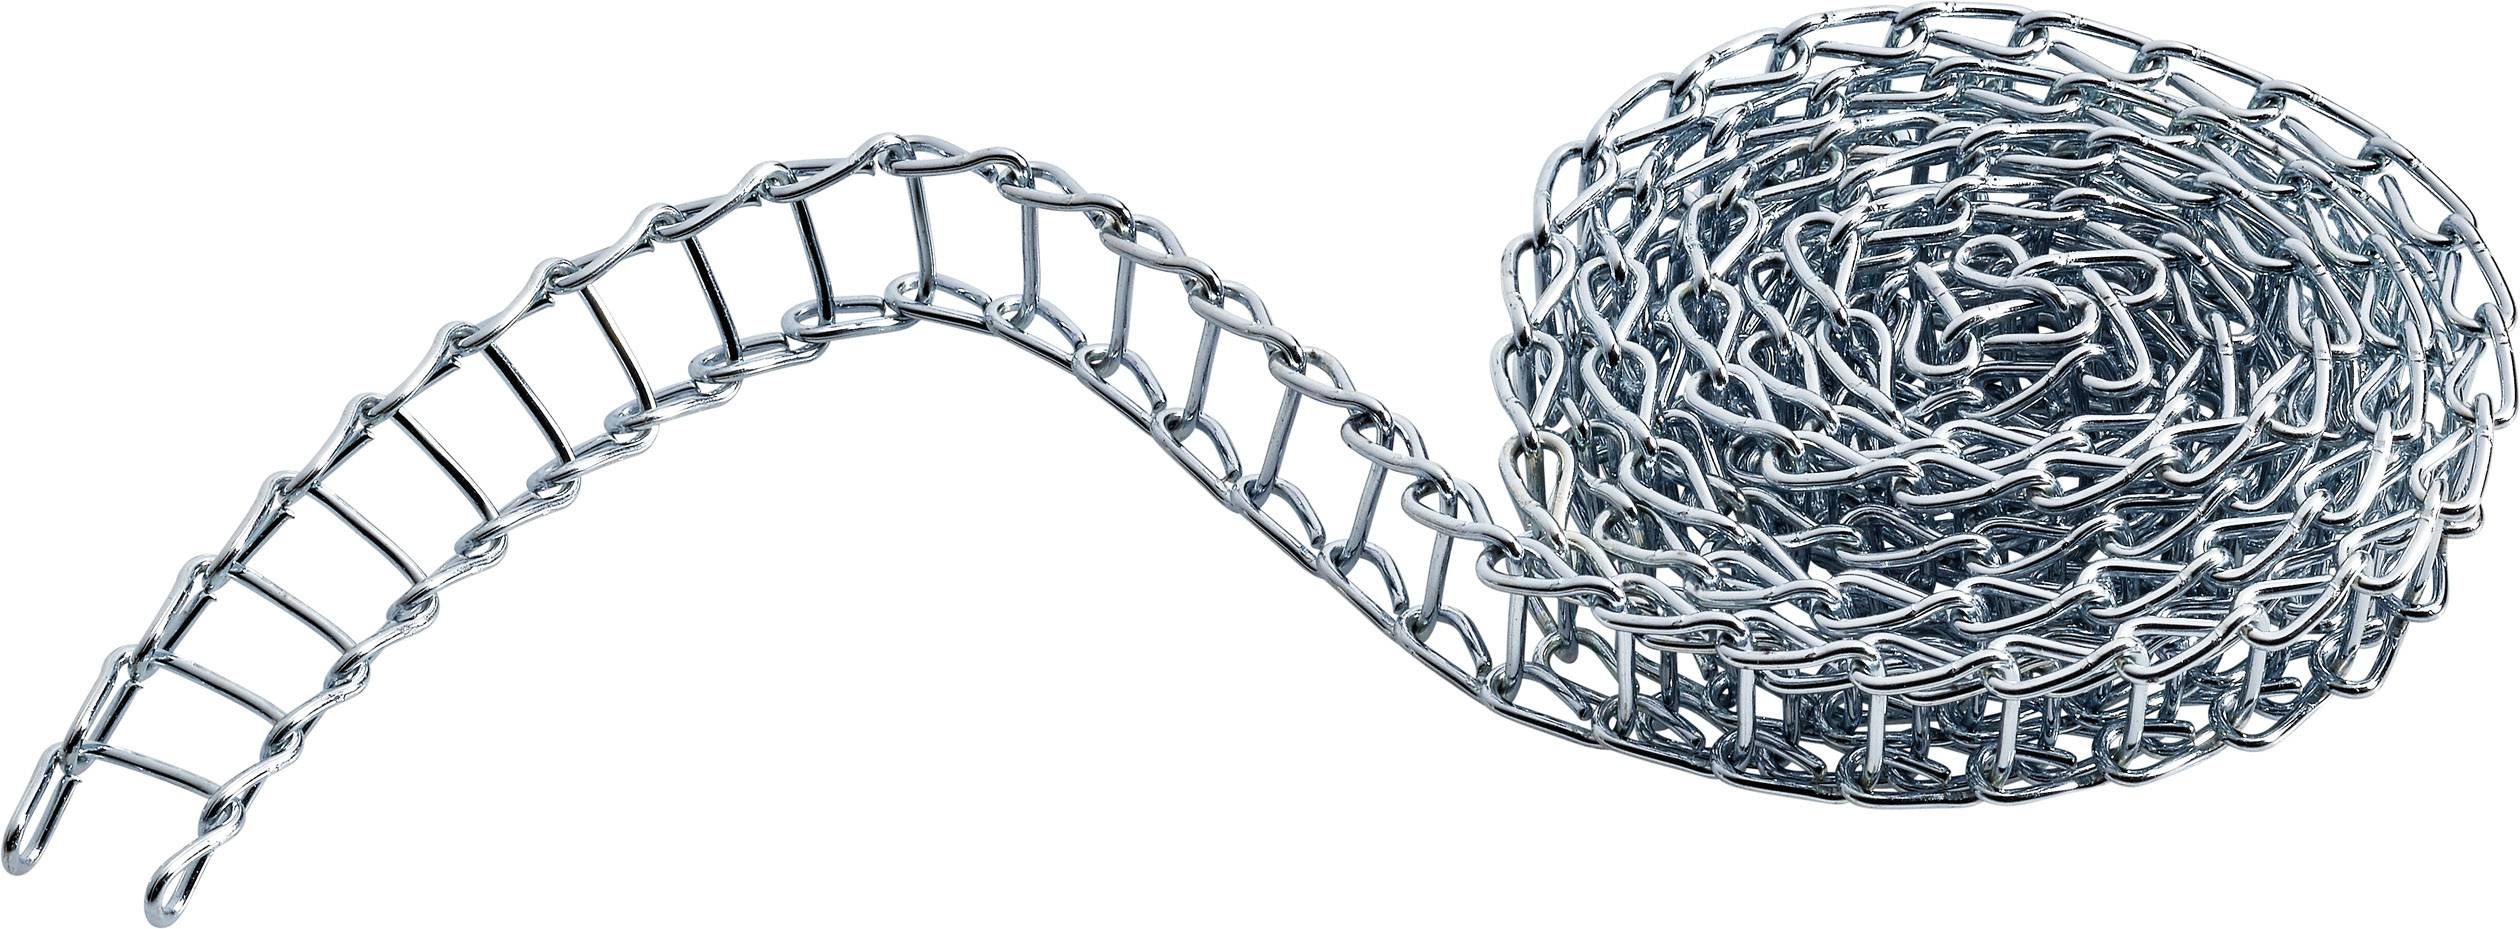 Pásový řetěz Modelcraft, 1 m